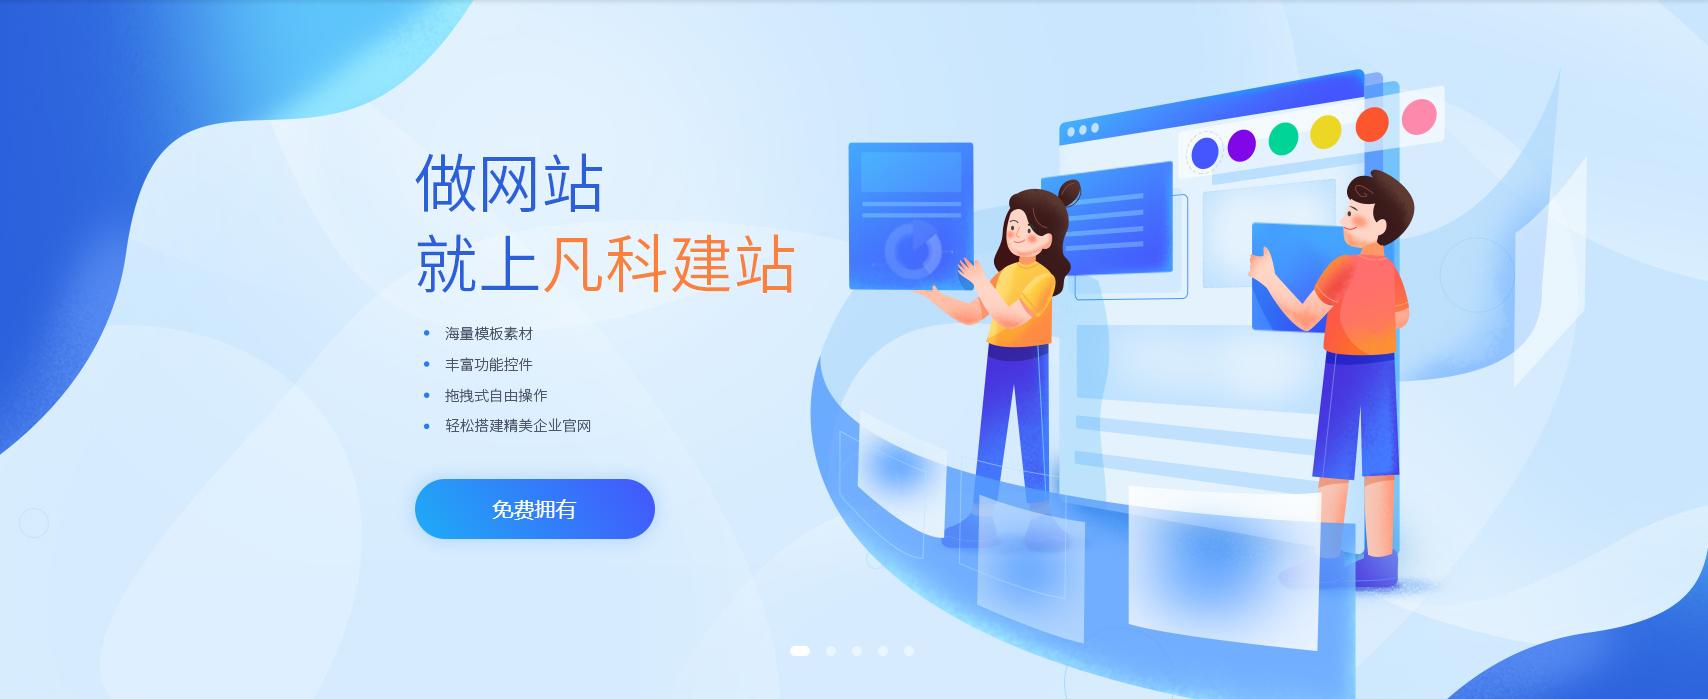 网站模板的页面布局设计